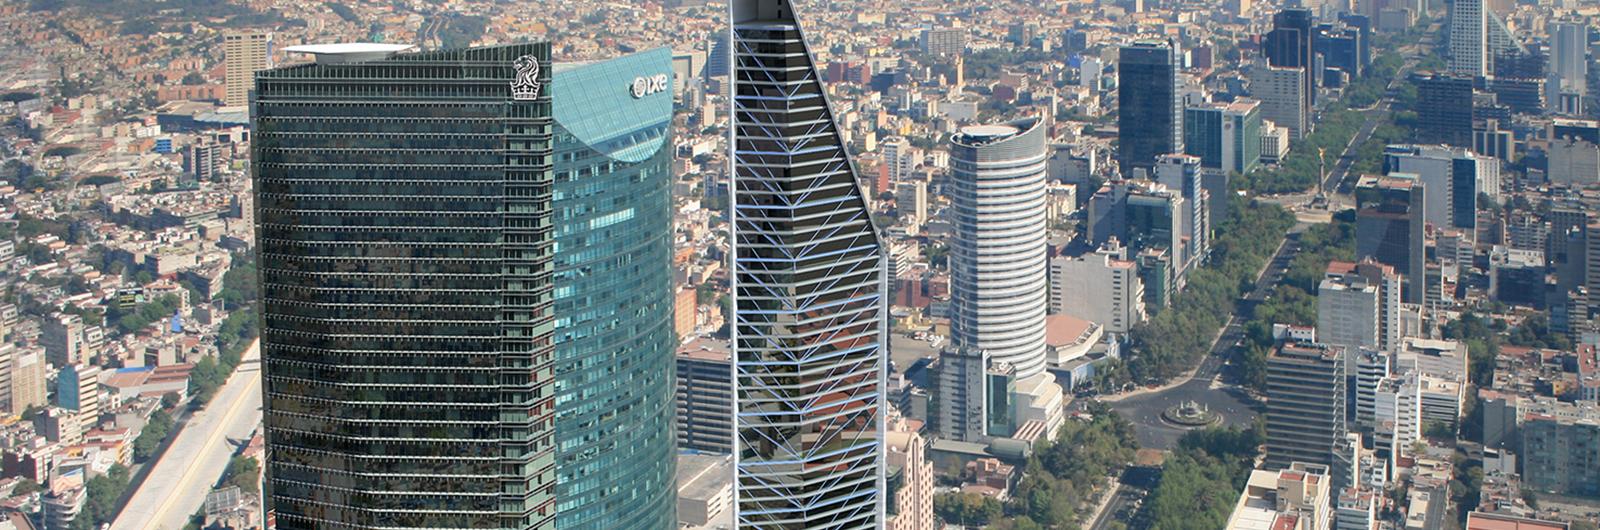 Aplican tecnología BIM en importante edificio de Ciudad de México